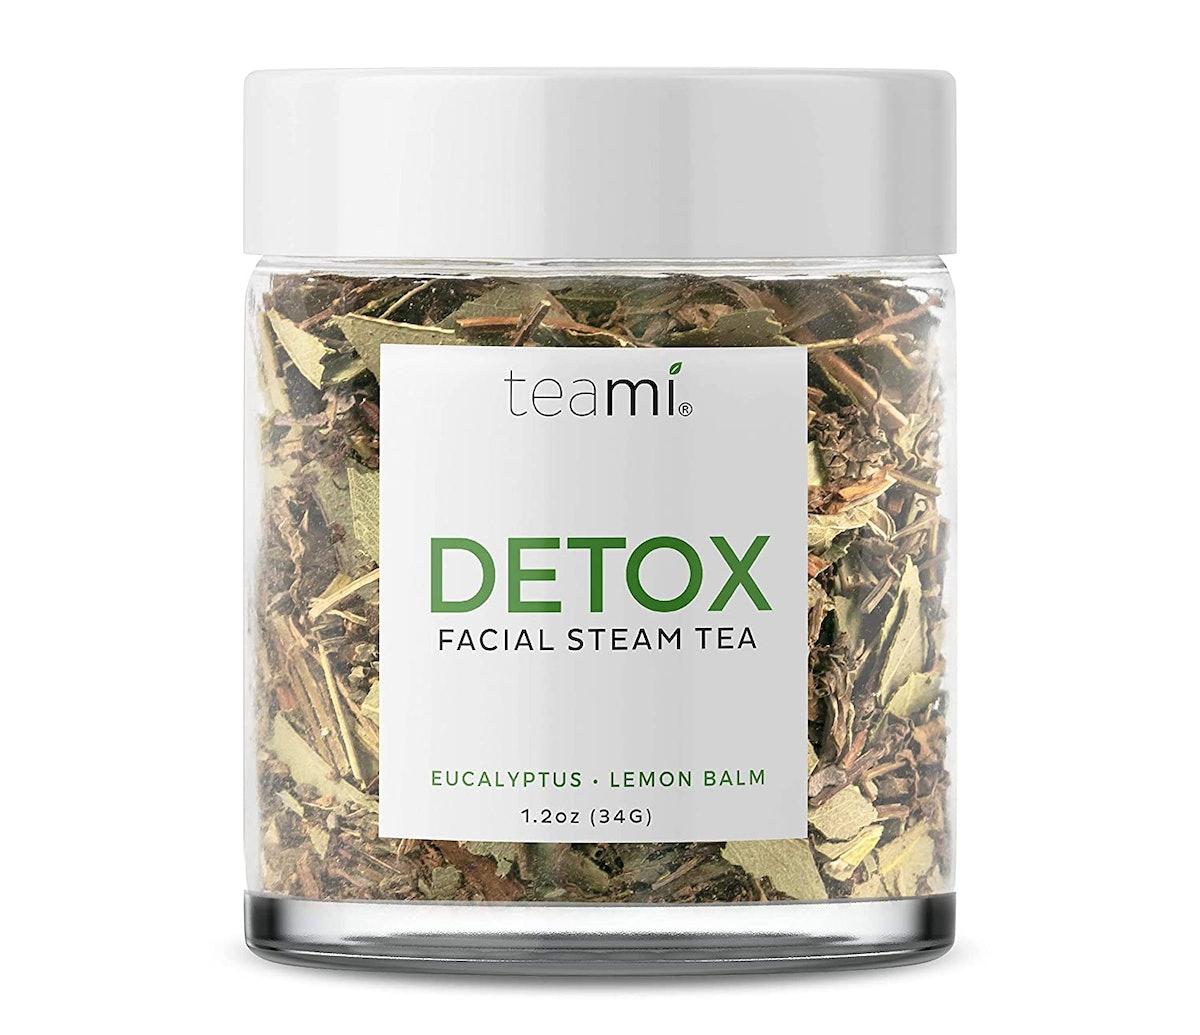 Teami Facial Steam Loose Tea